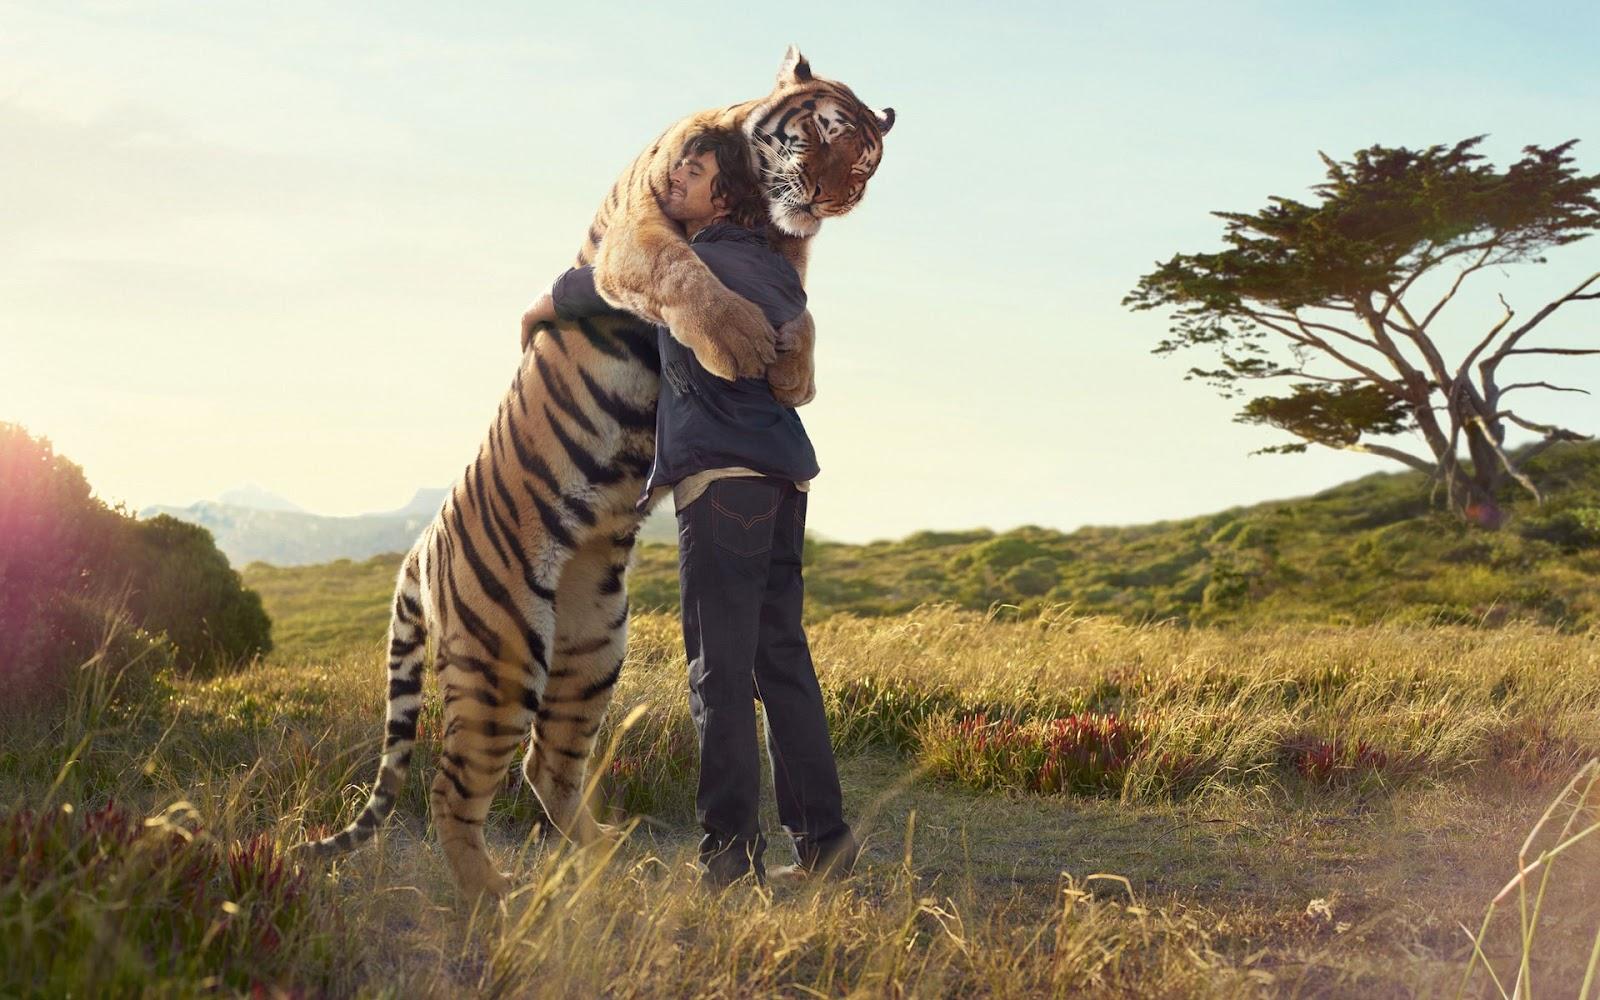 http://3.bp.blogspot.com/-gpReBM7QEzM/UGYsmyEh8TI/AAAAAAAAE5Q/5YARCz3OcCI/s1600/Man-Hugging-Tiger-Wild-Life-HD-Wallpaper--NatureWallBase.Blogspot.Com.jpg